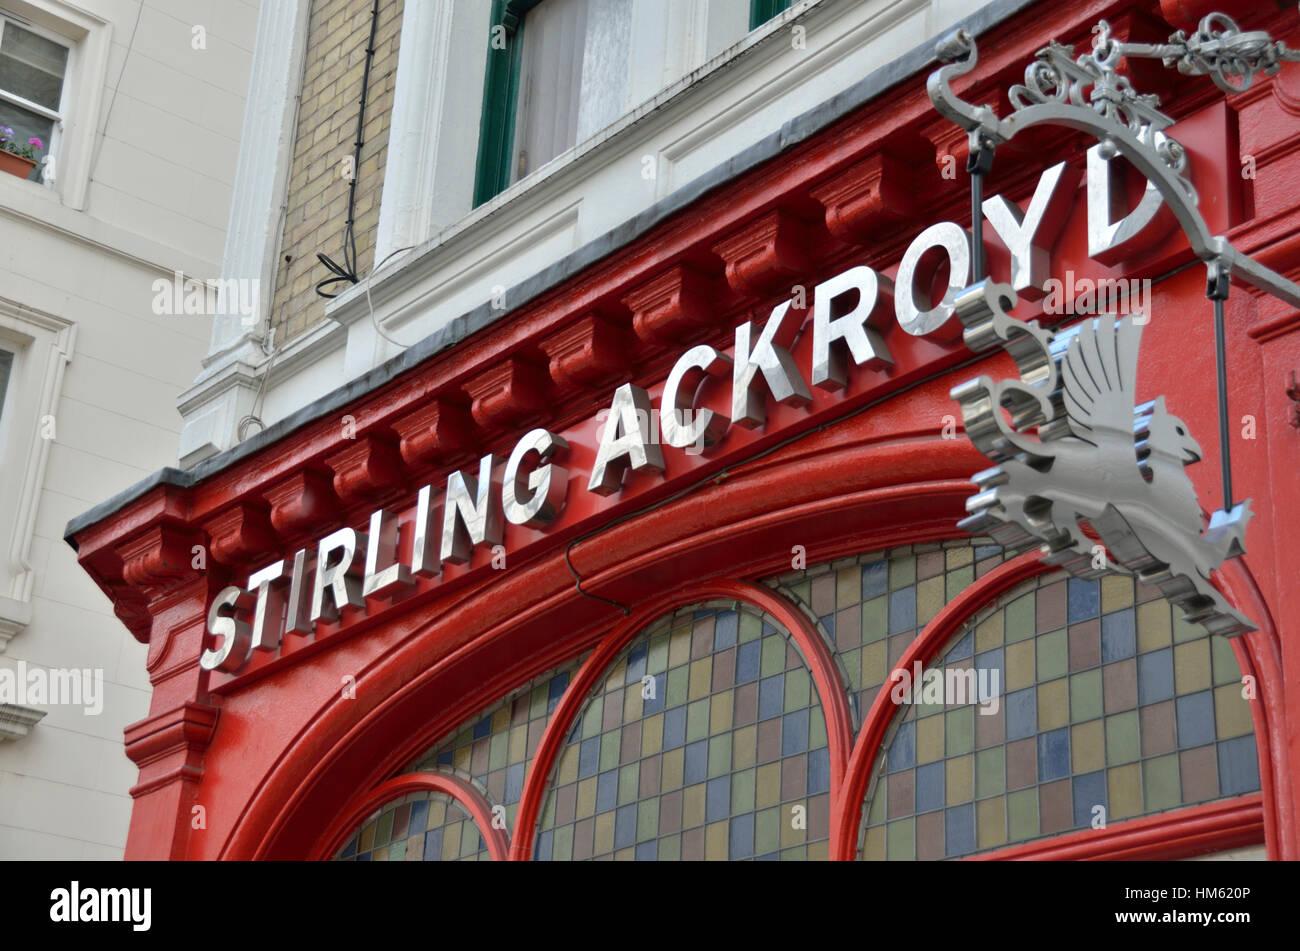 Sterling Ackroyd estate agent sign, London, UK - Stock Image